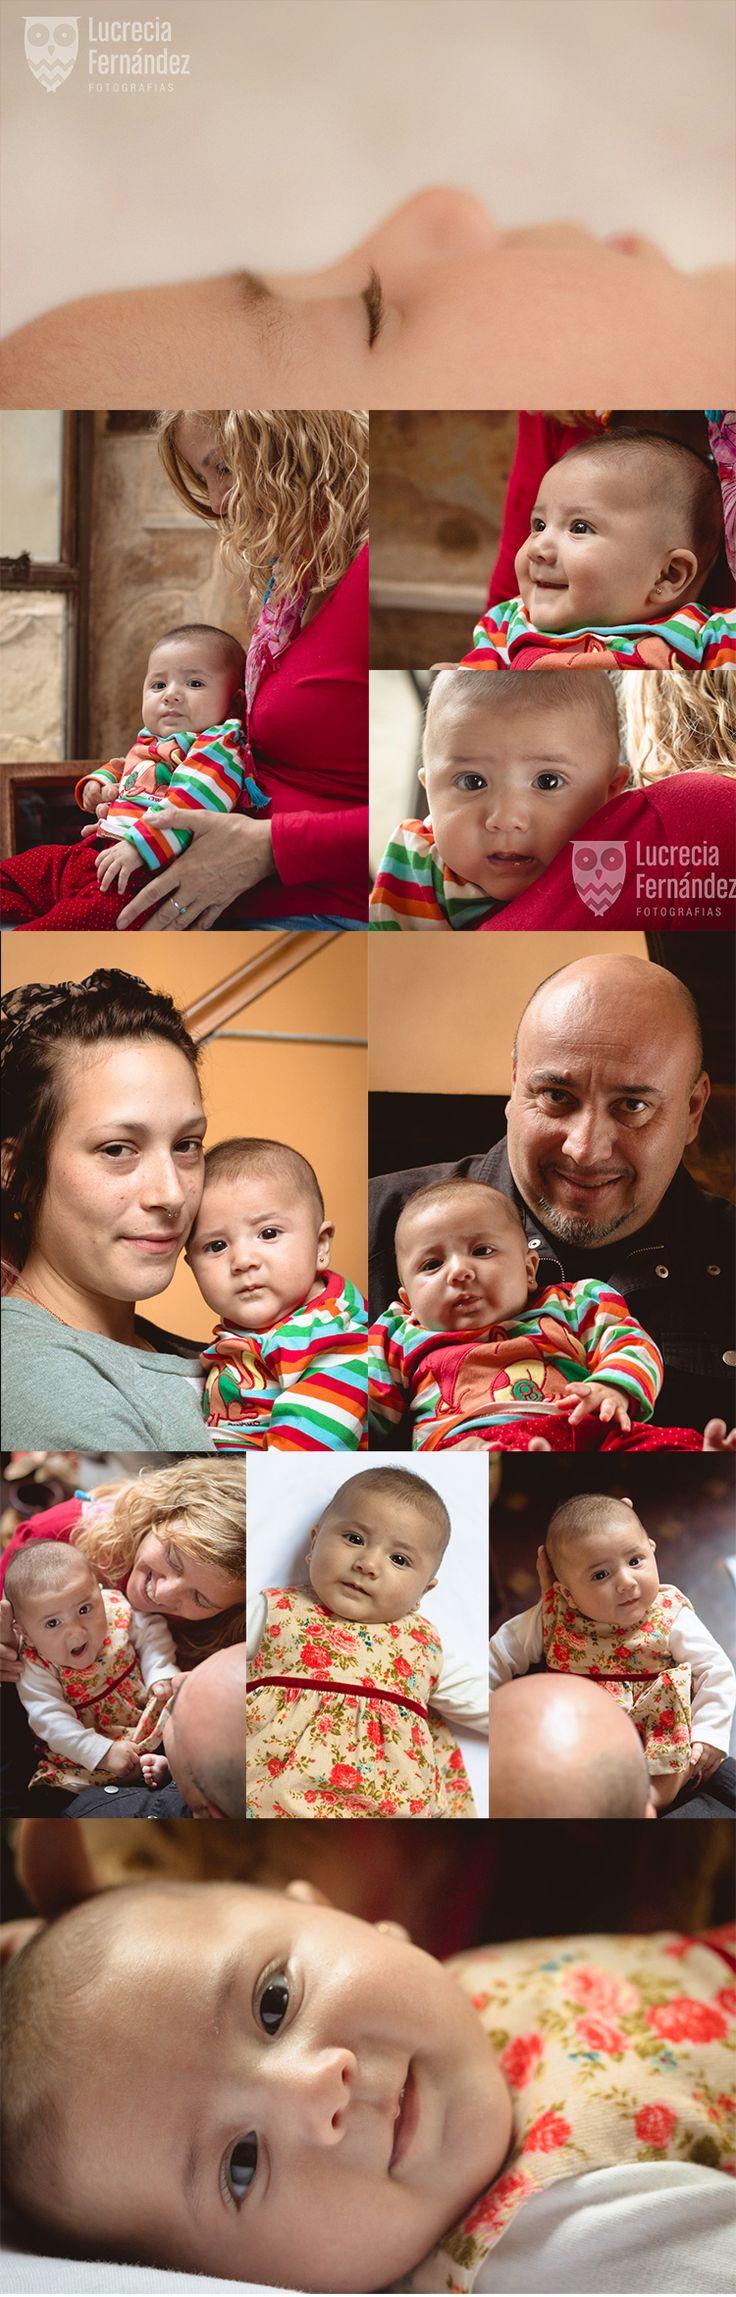 Alma {3 meses} - Retratos de bebés en Rosario - Blog de Fotografias de Lucrecia Fernández - Rosario - Argentina - Otros - Rosario - Argentina